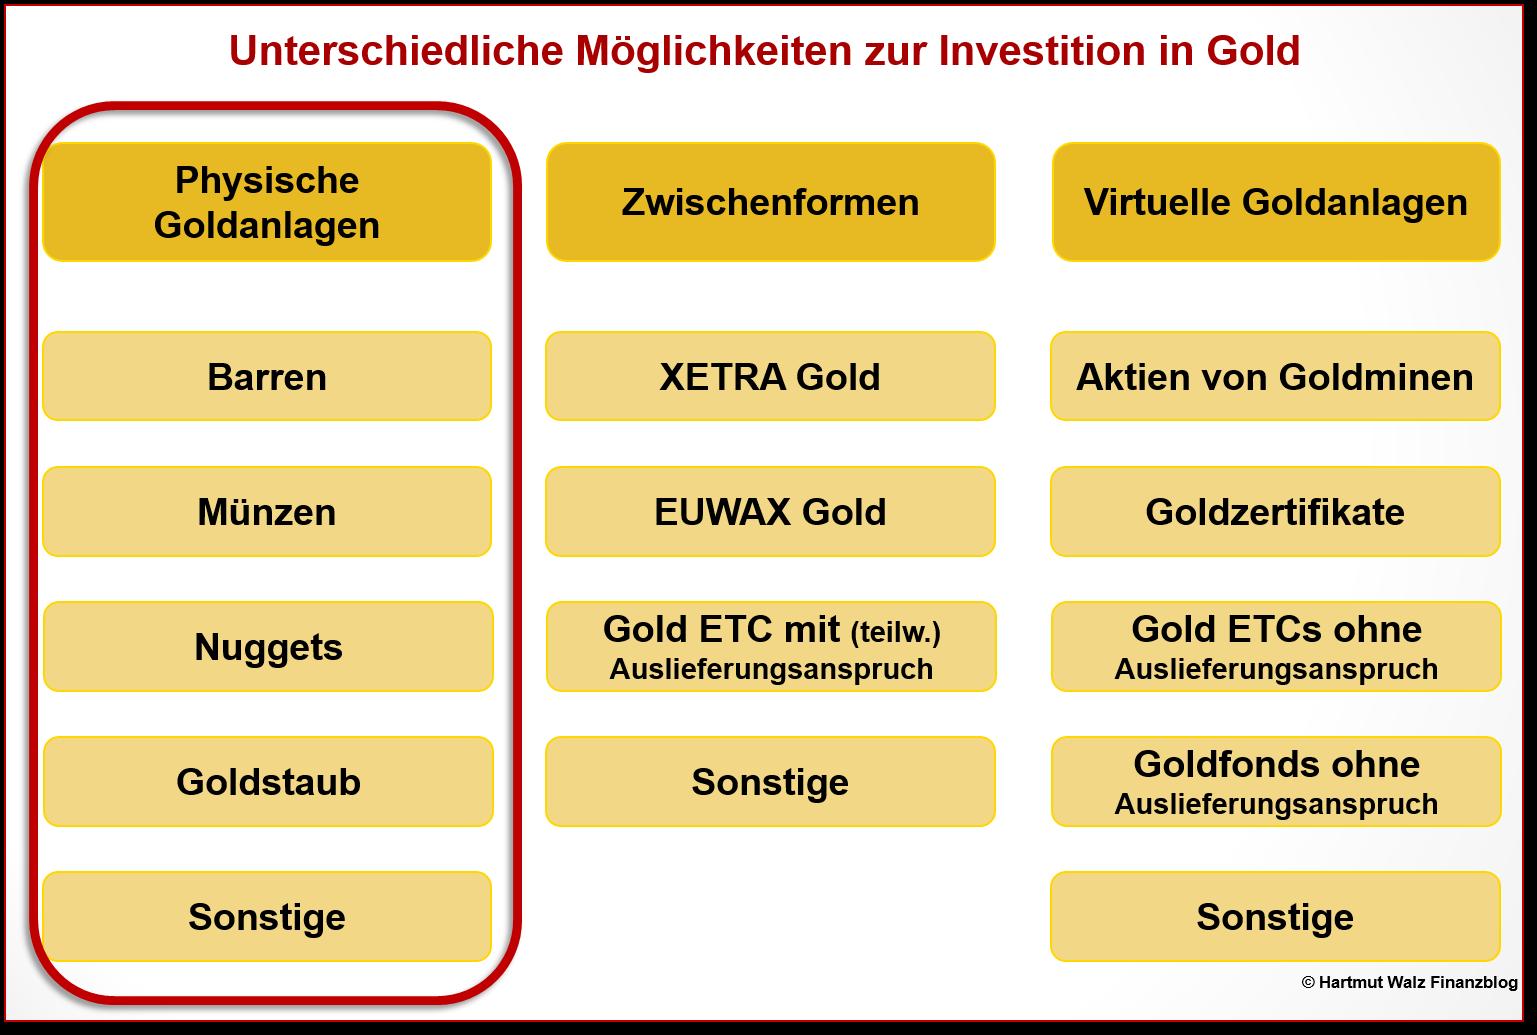 Goldzertifikate